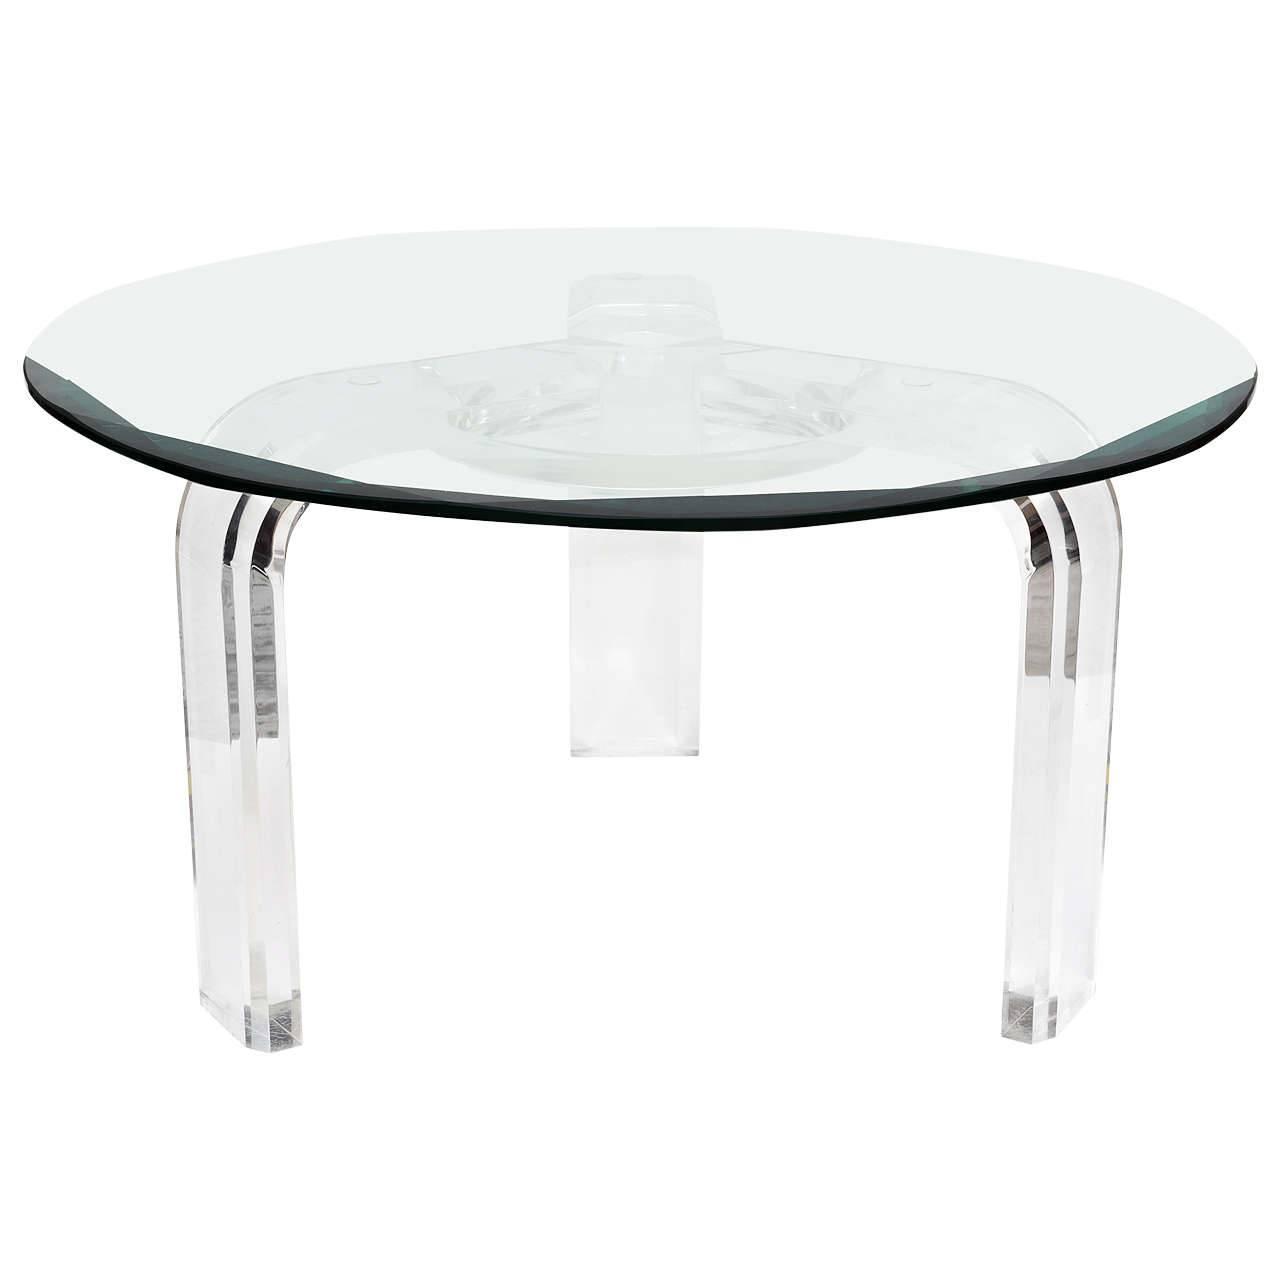 Les Prismatiques Cocktail Table